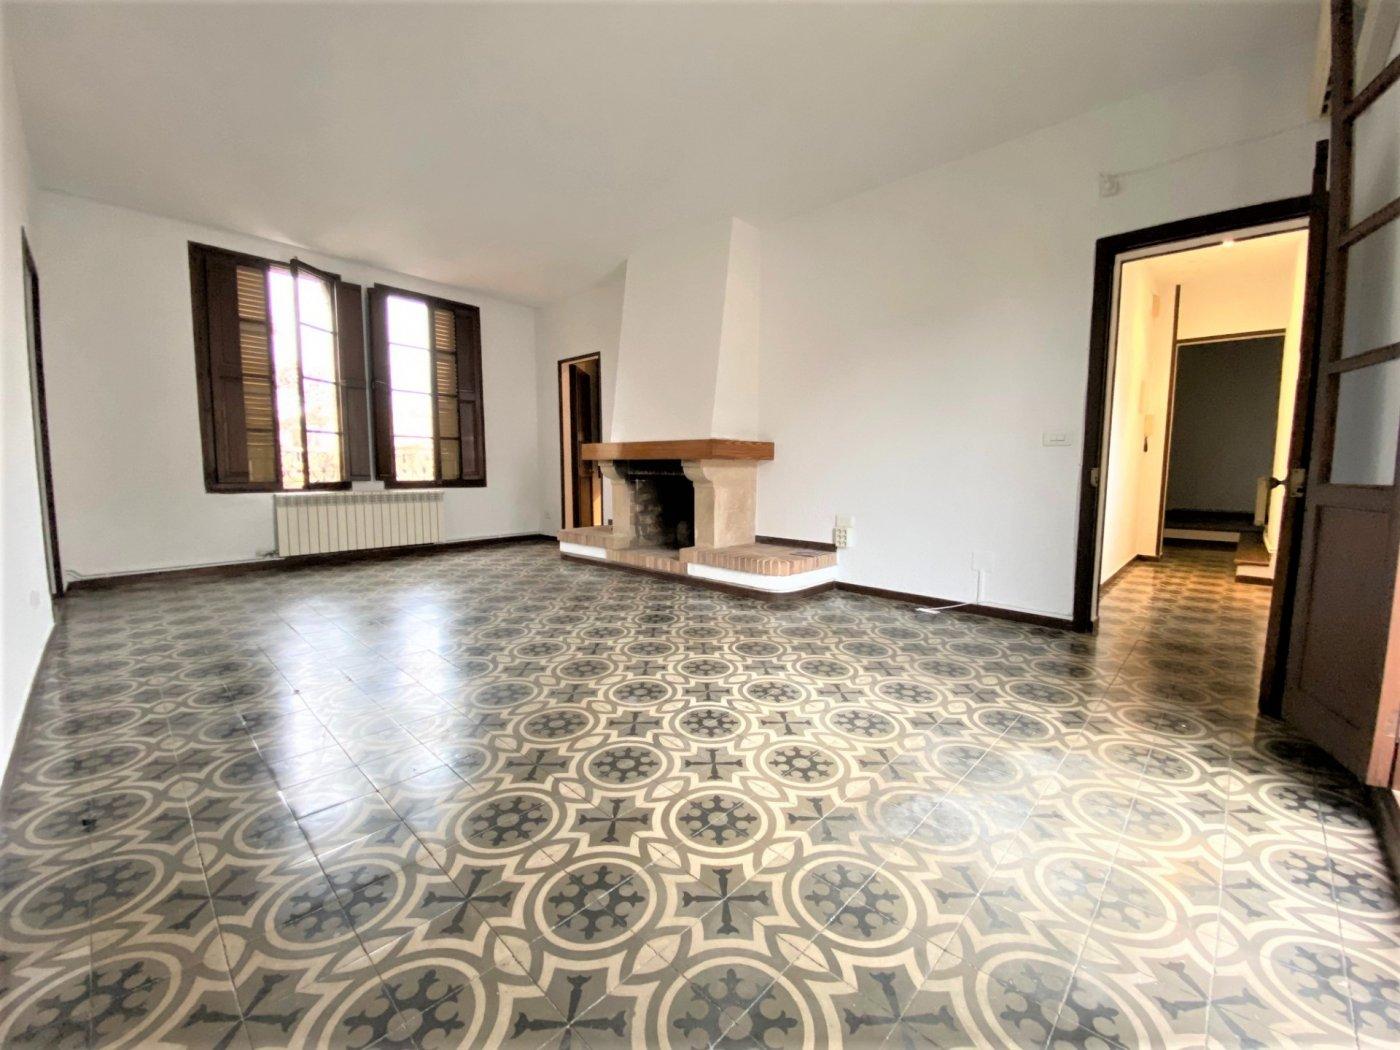 Zona centro ? plaza quadrado, ¡¡precioso y emblemÁtico piso en alquiler con parking y tras - imagenInmueble0